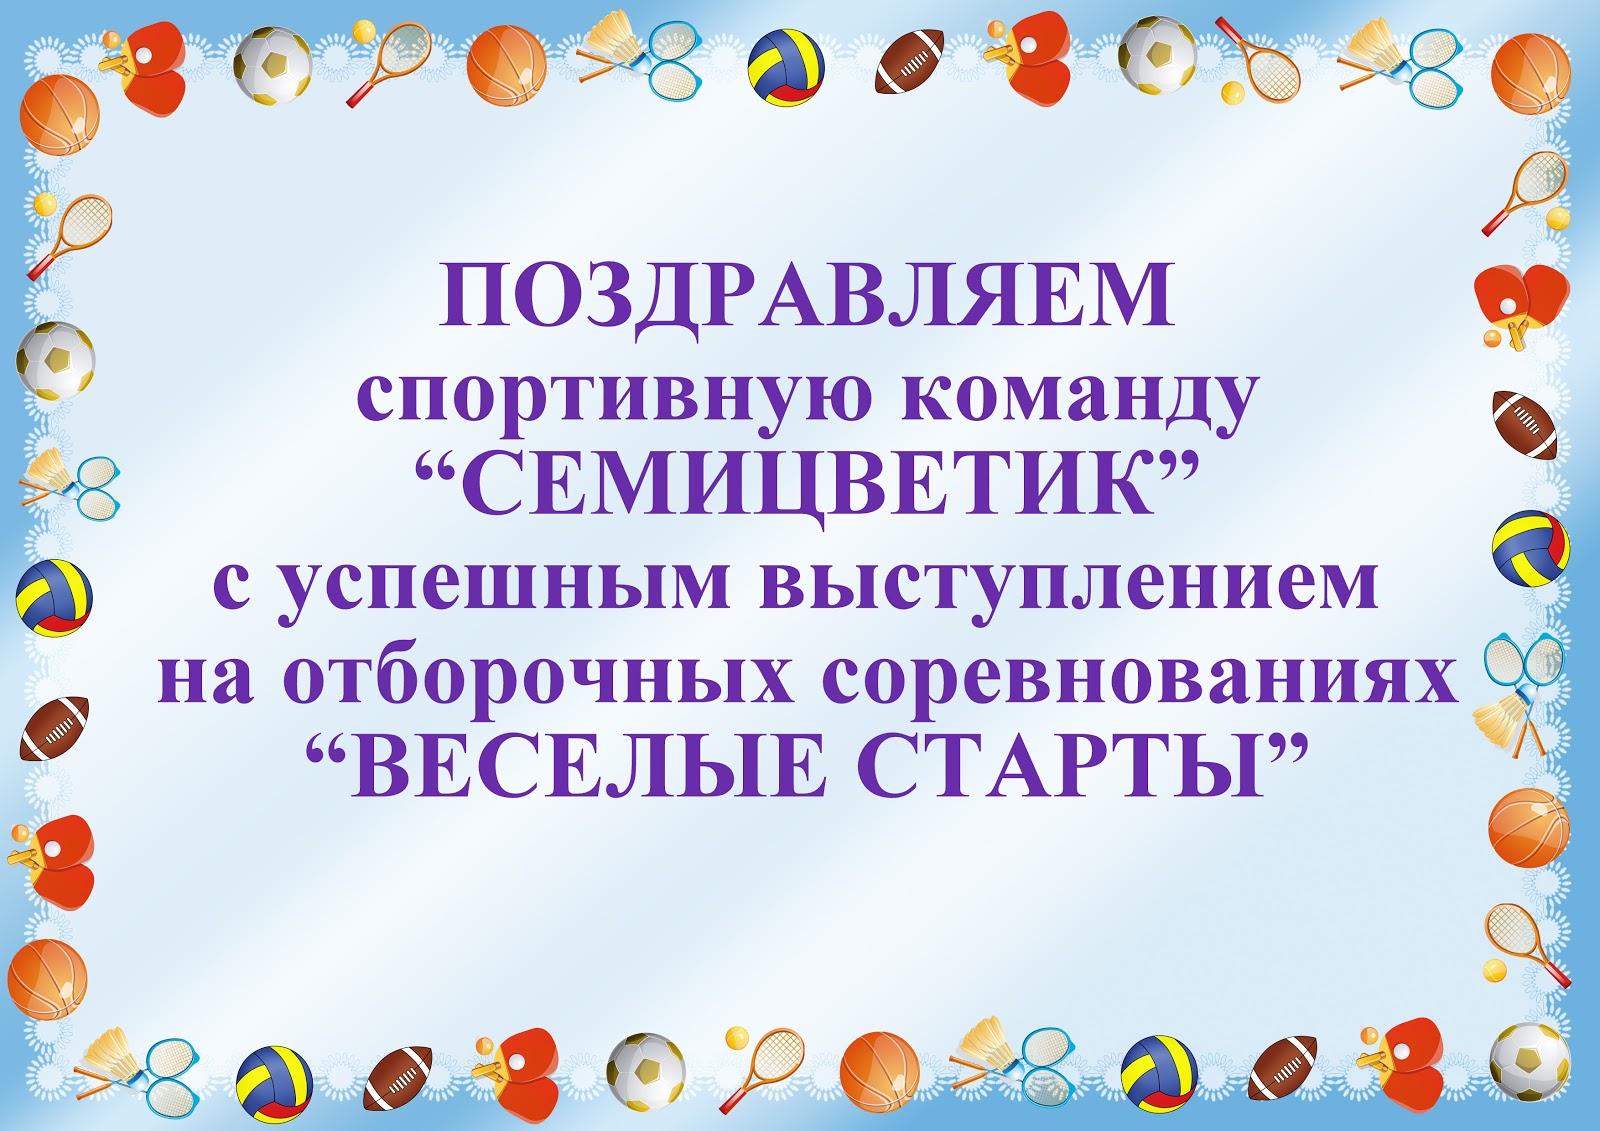 Поздравление спортивной команде